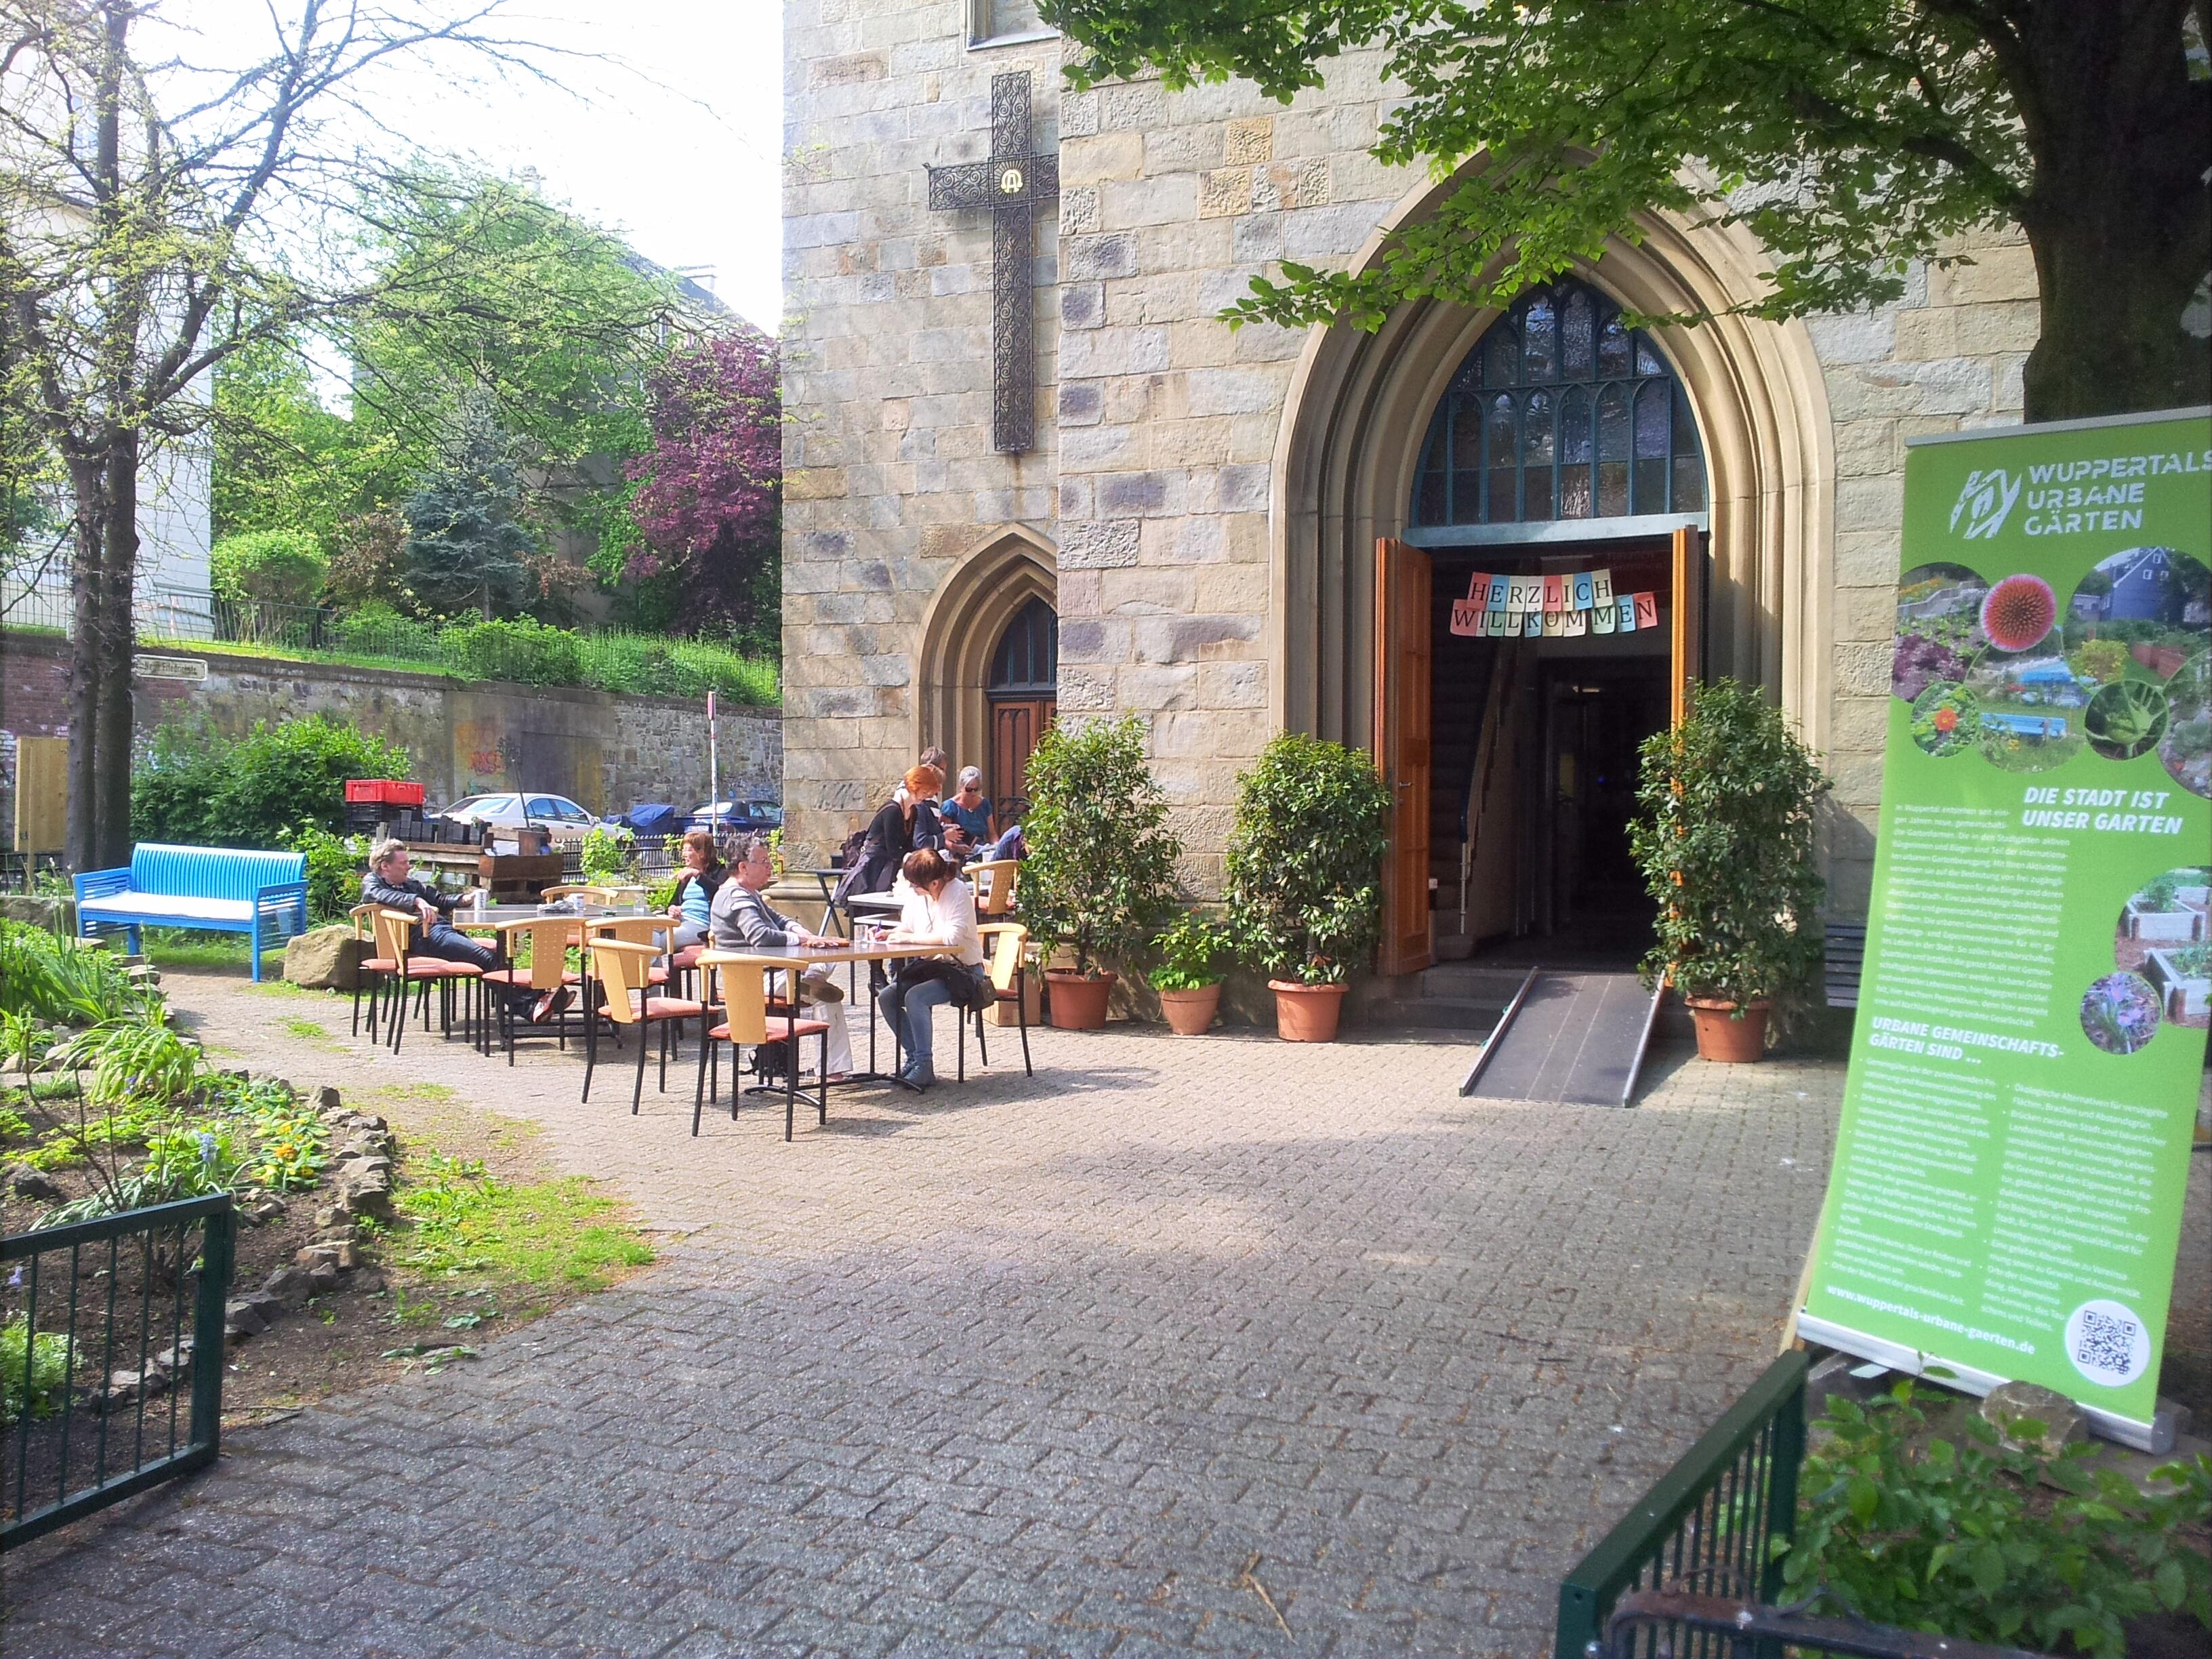 Aktionstag Superfoods im Inselgarten - DiakonieKirche